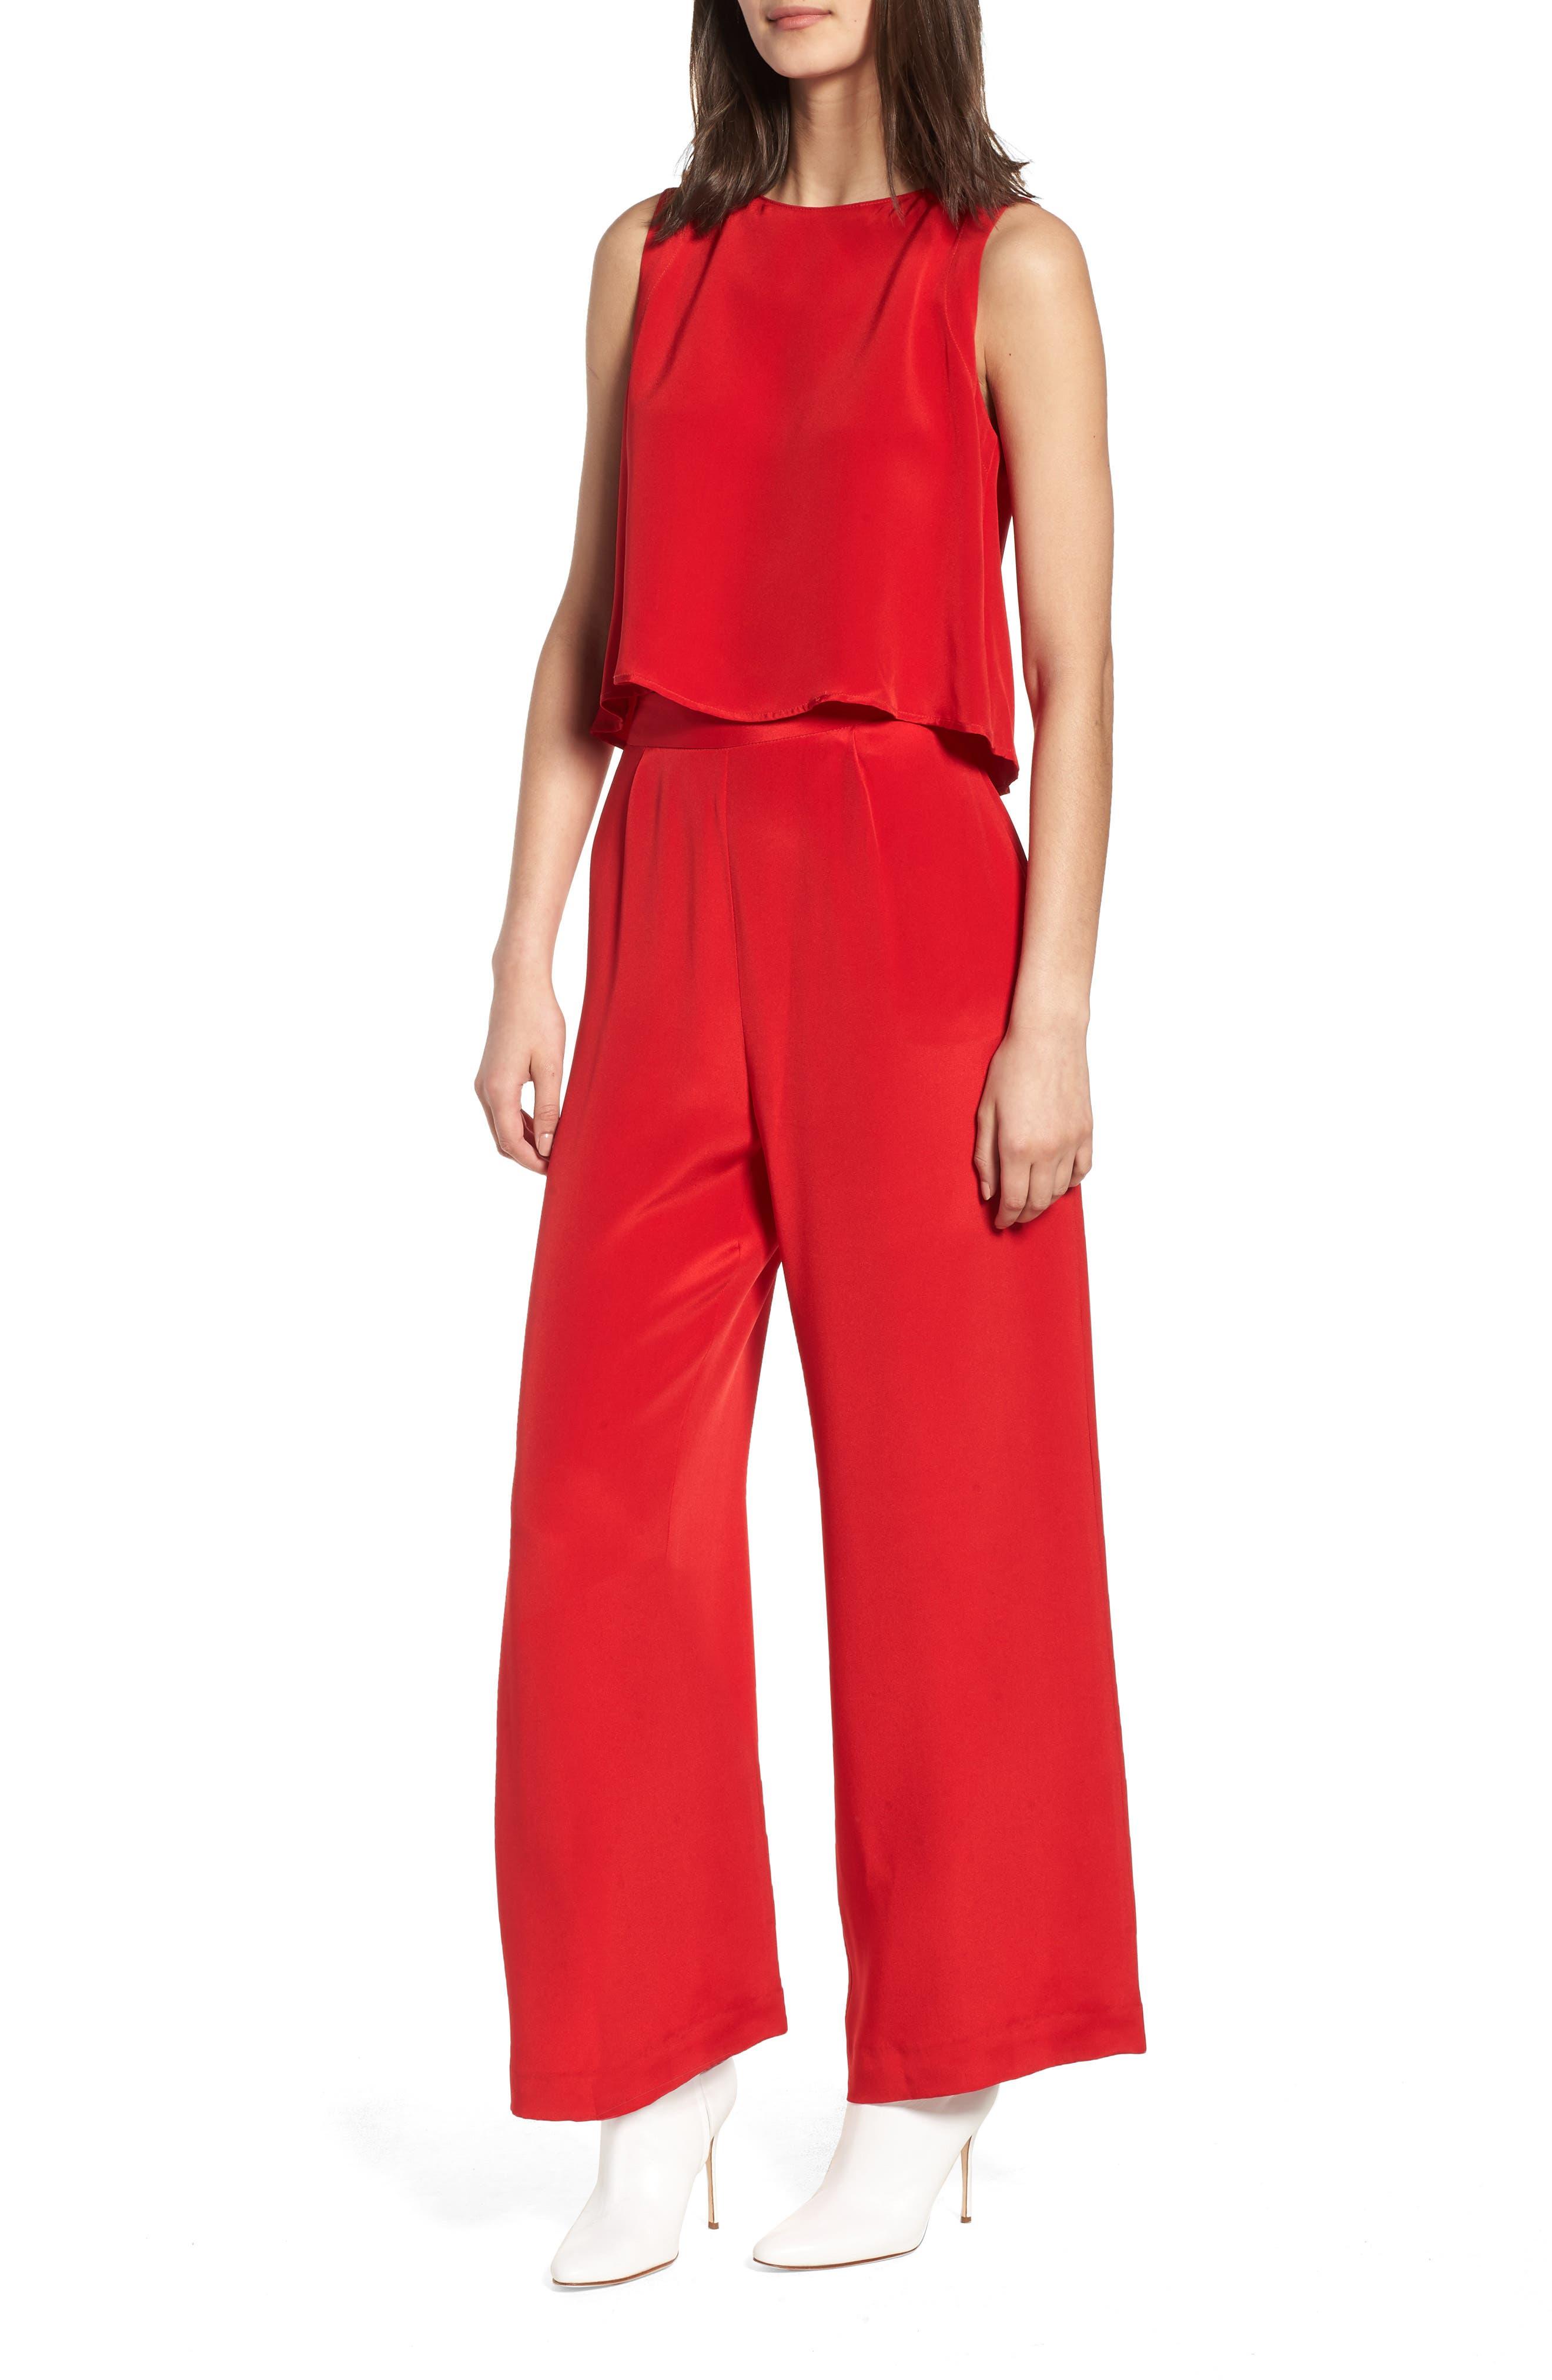 Urban Silky Top & Pants,                             Main thumbnail 1, color,                             Red